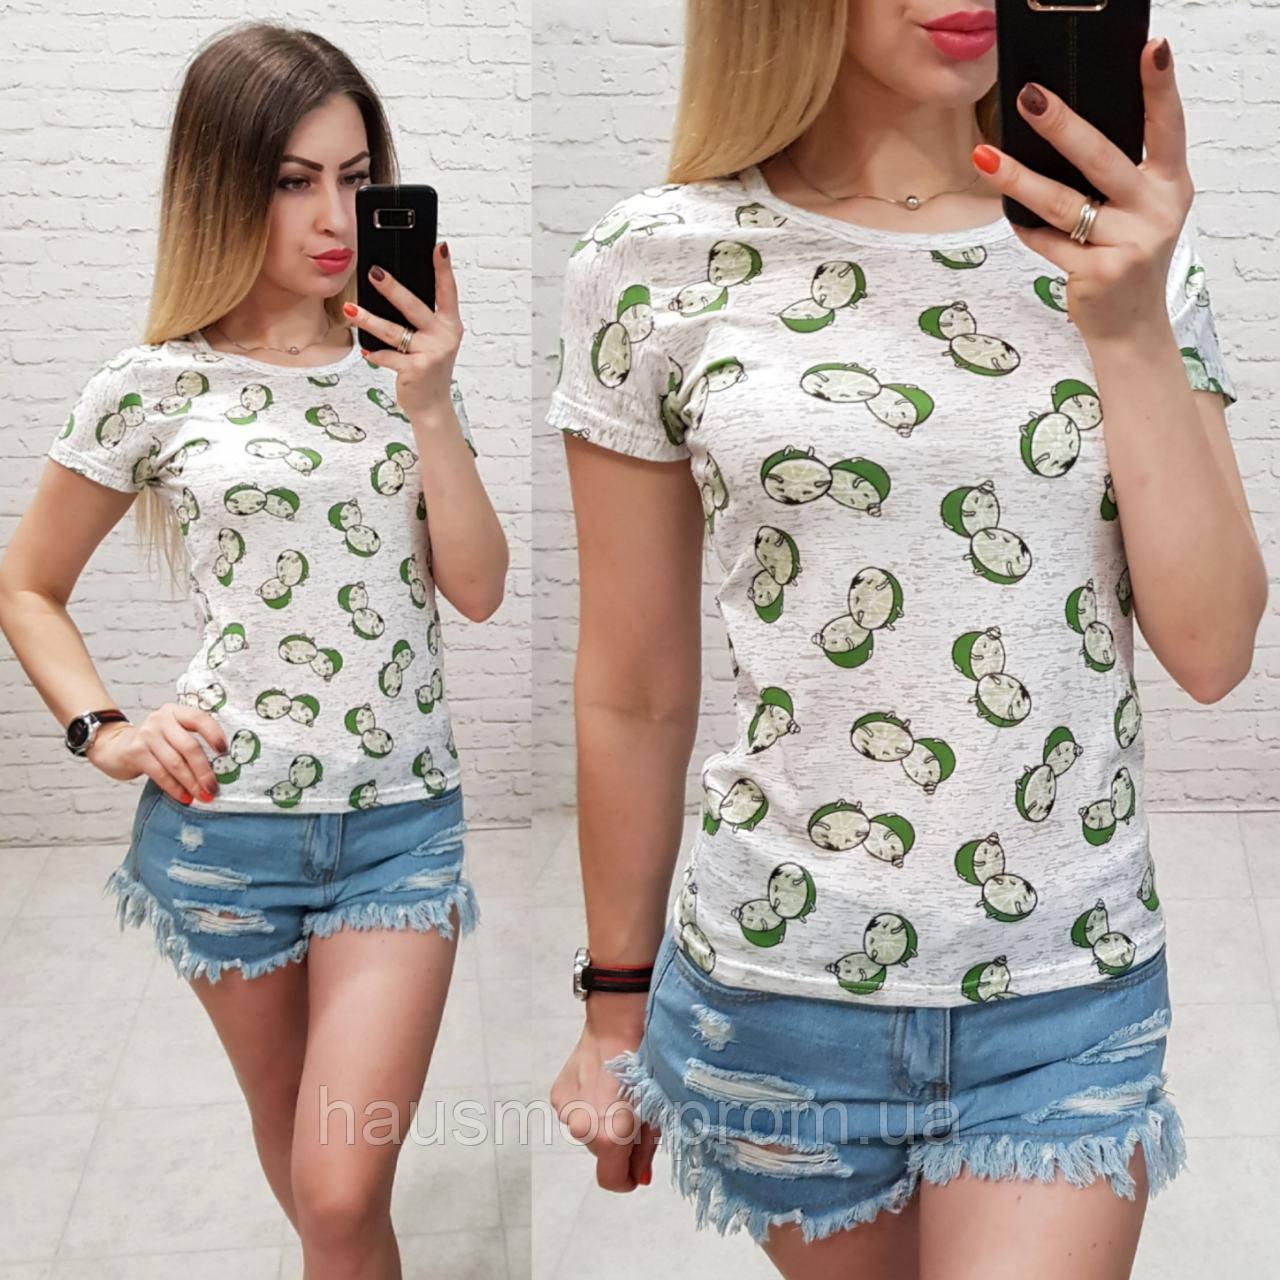 Женская футболка летняя Oversize one size качество турция размер универсал сублимация лайм цвет серый